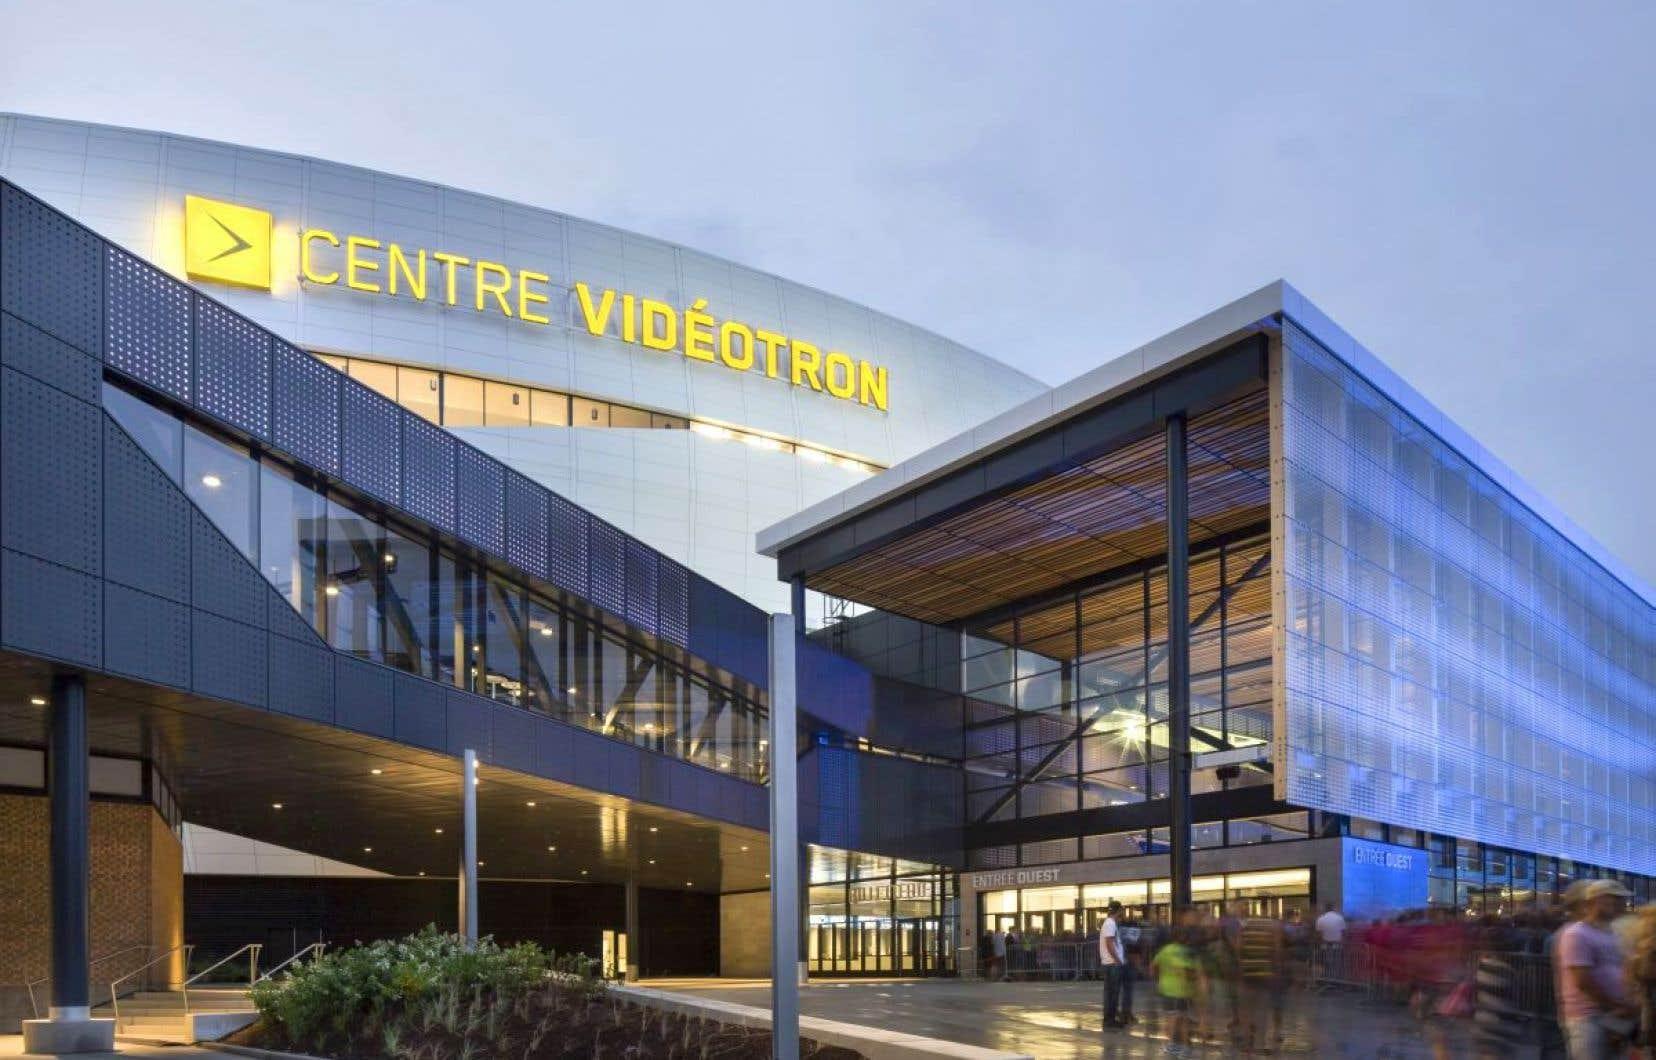 L'avis d'imposition remis au Centre Vidéotron par la Ville de Québec n'est que de 365000$.